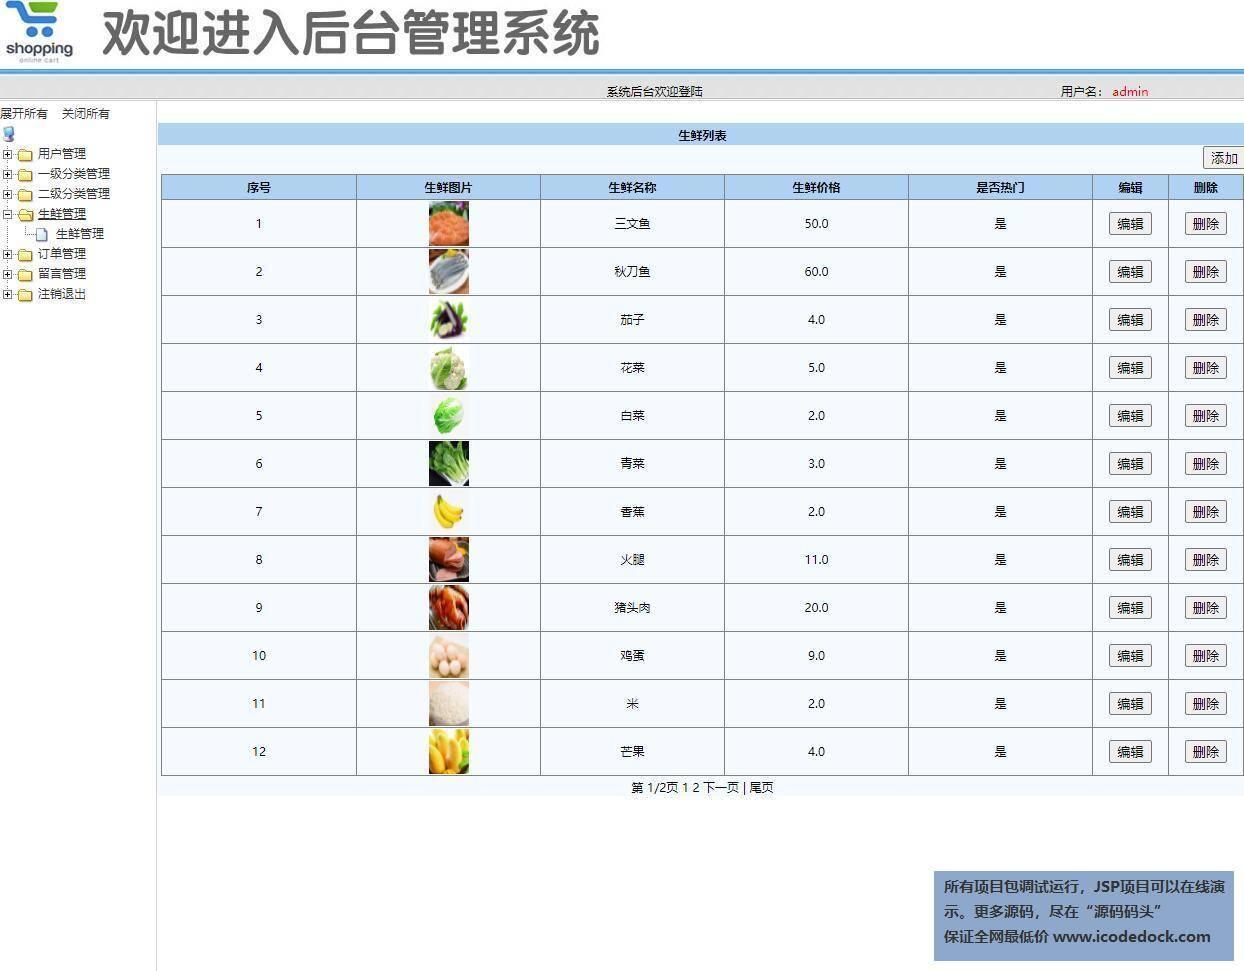 源码码头-SSM网上水果生鲜超市商城管理系统-管理员角色-生鲜商品管理